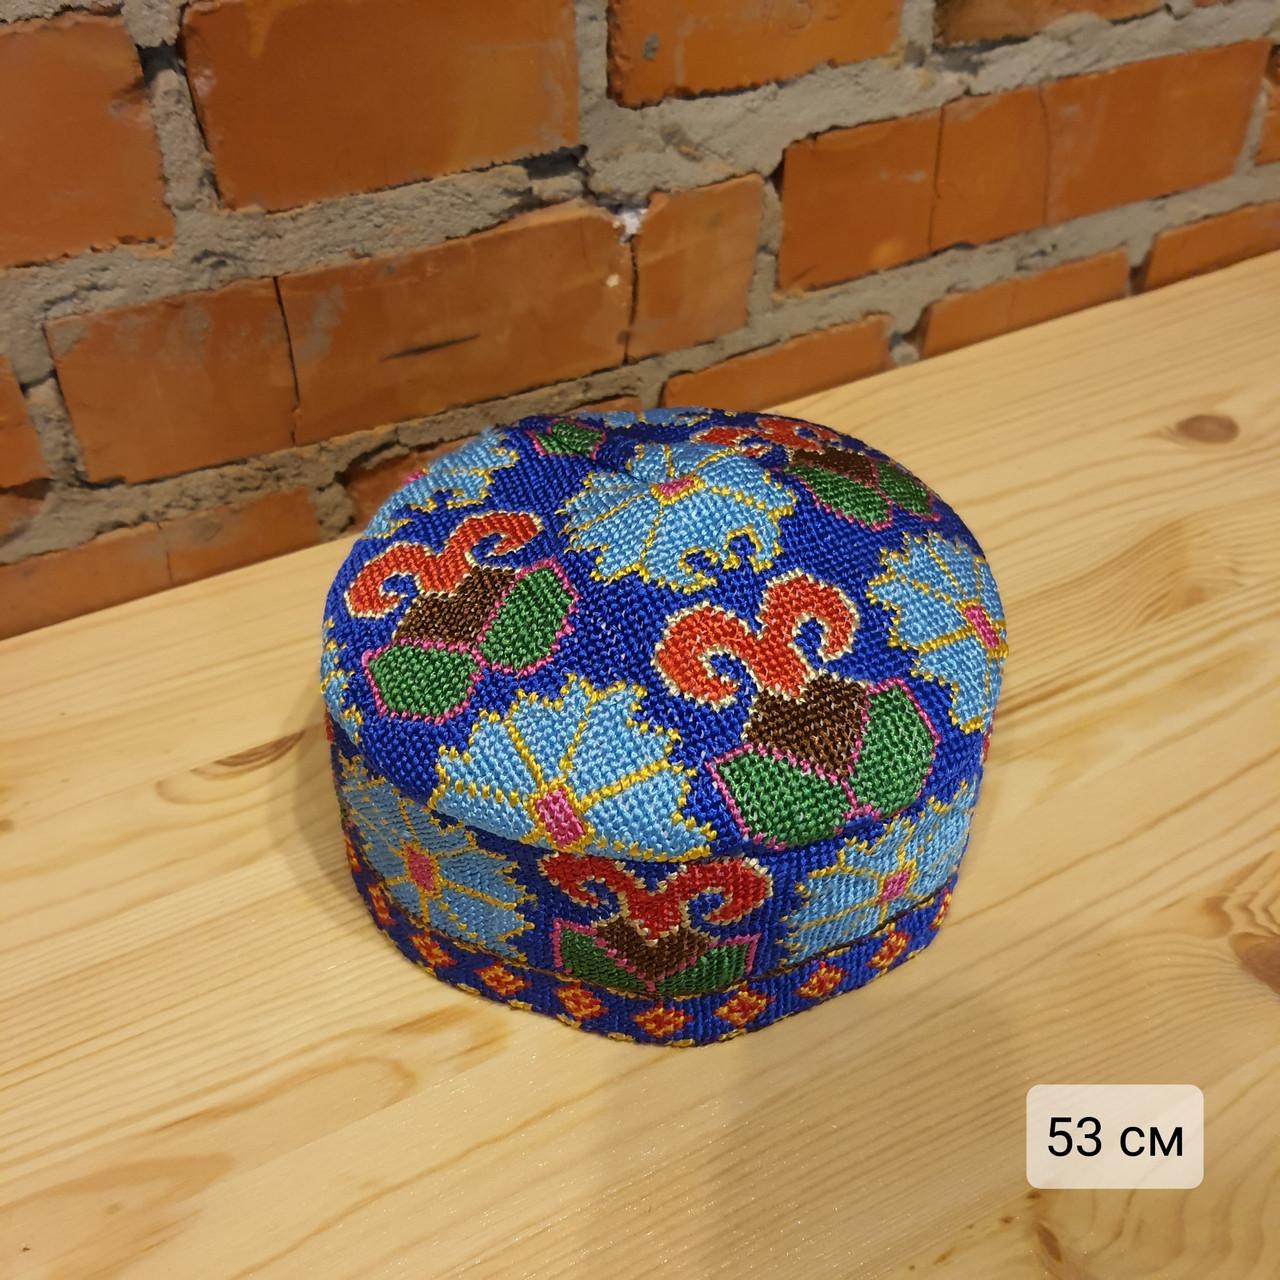 Узбекская тюбетейка 53 см. Ручная вышивка. Узбекистан (44)